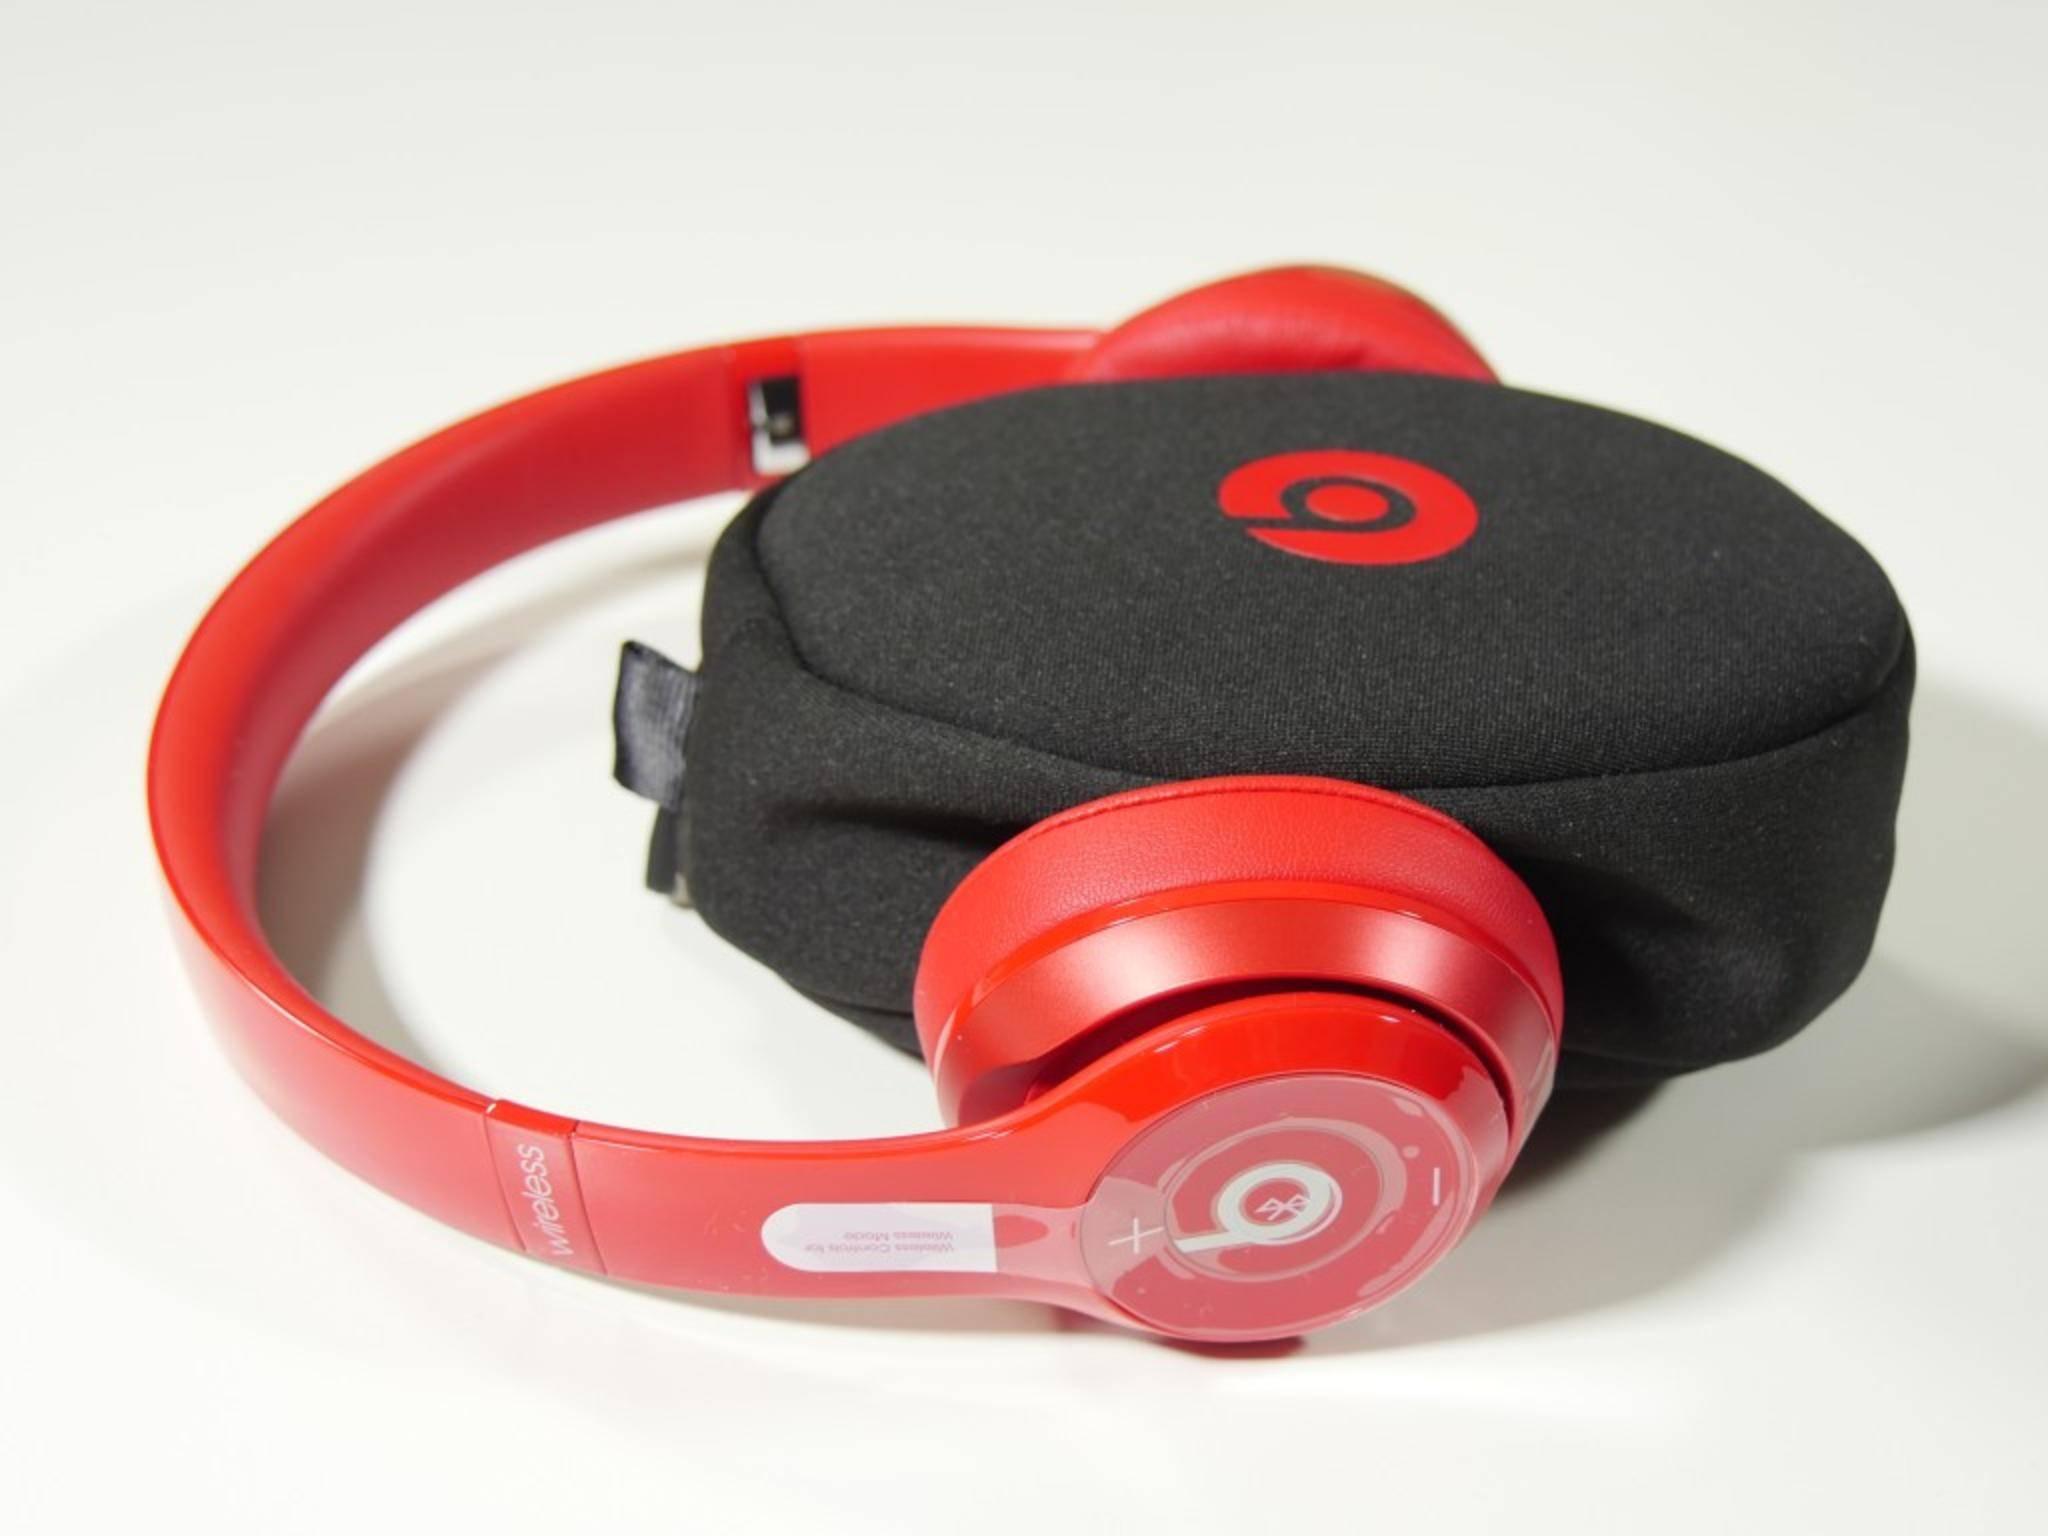 Der typische Beats-Look: Hochglanz-Plastik.